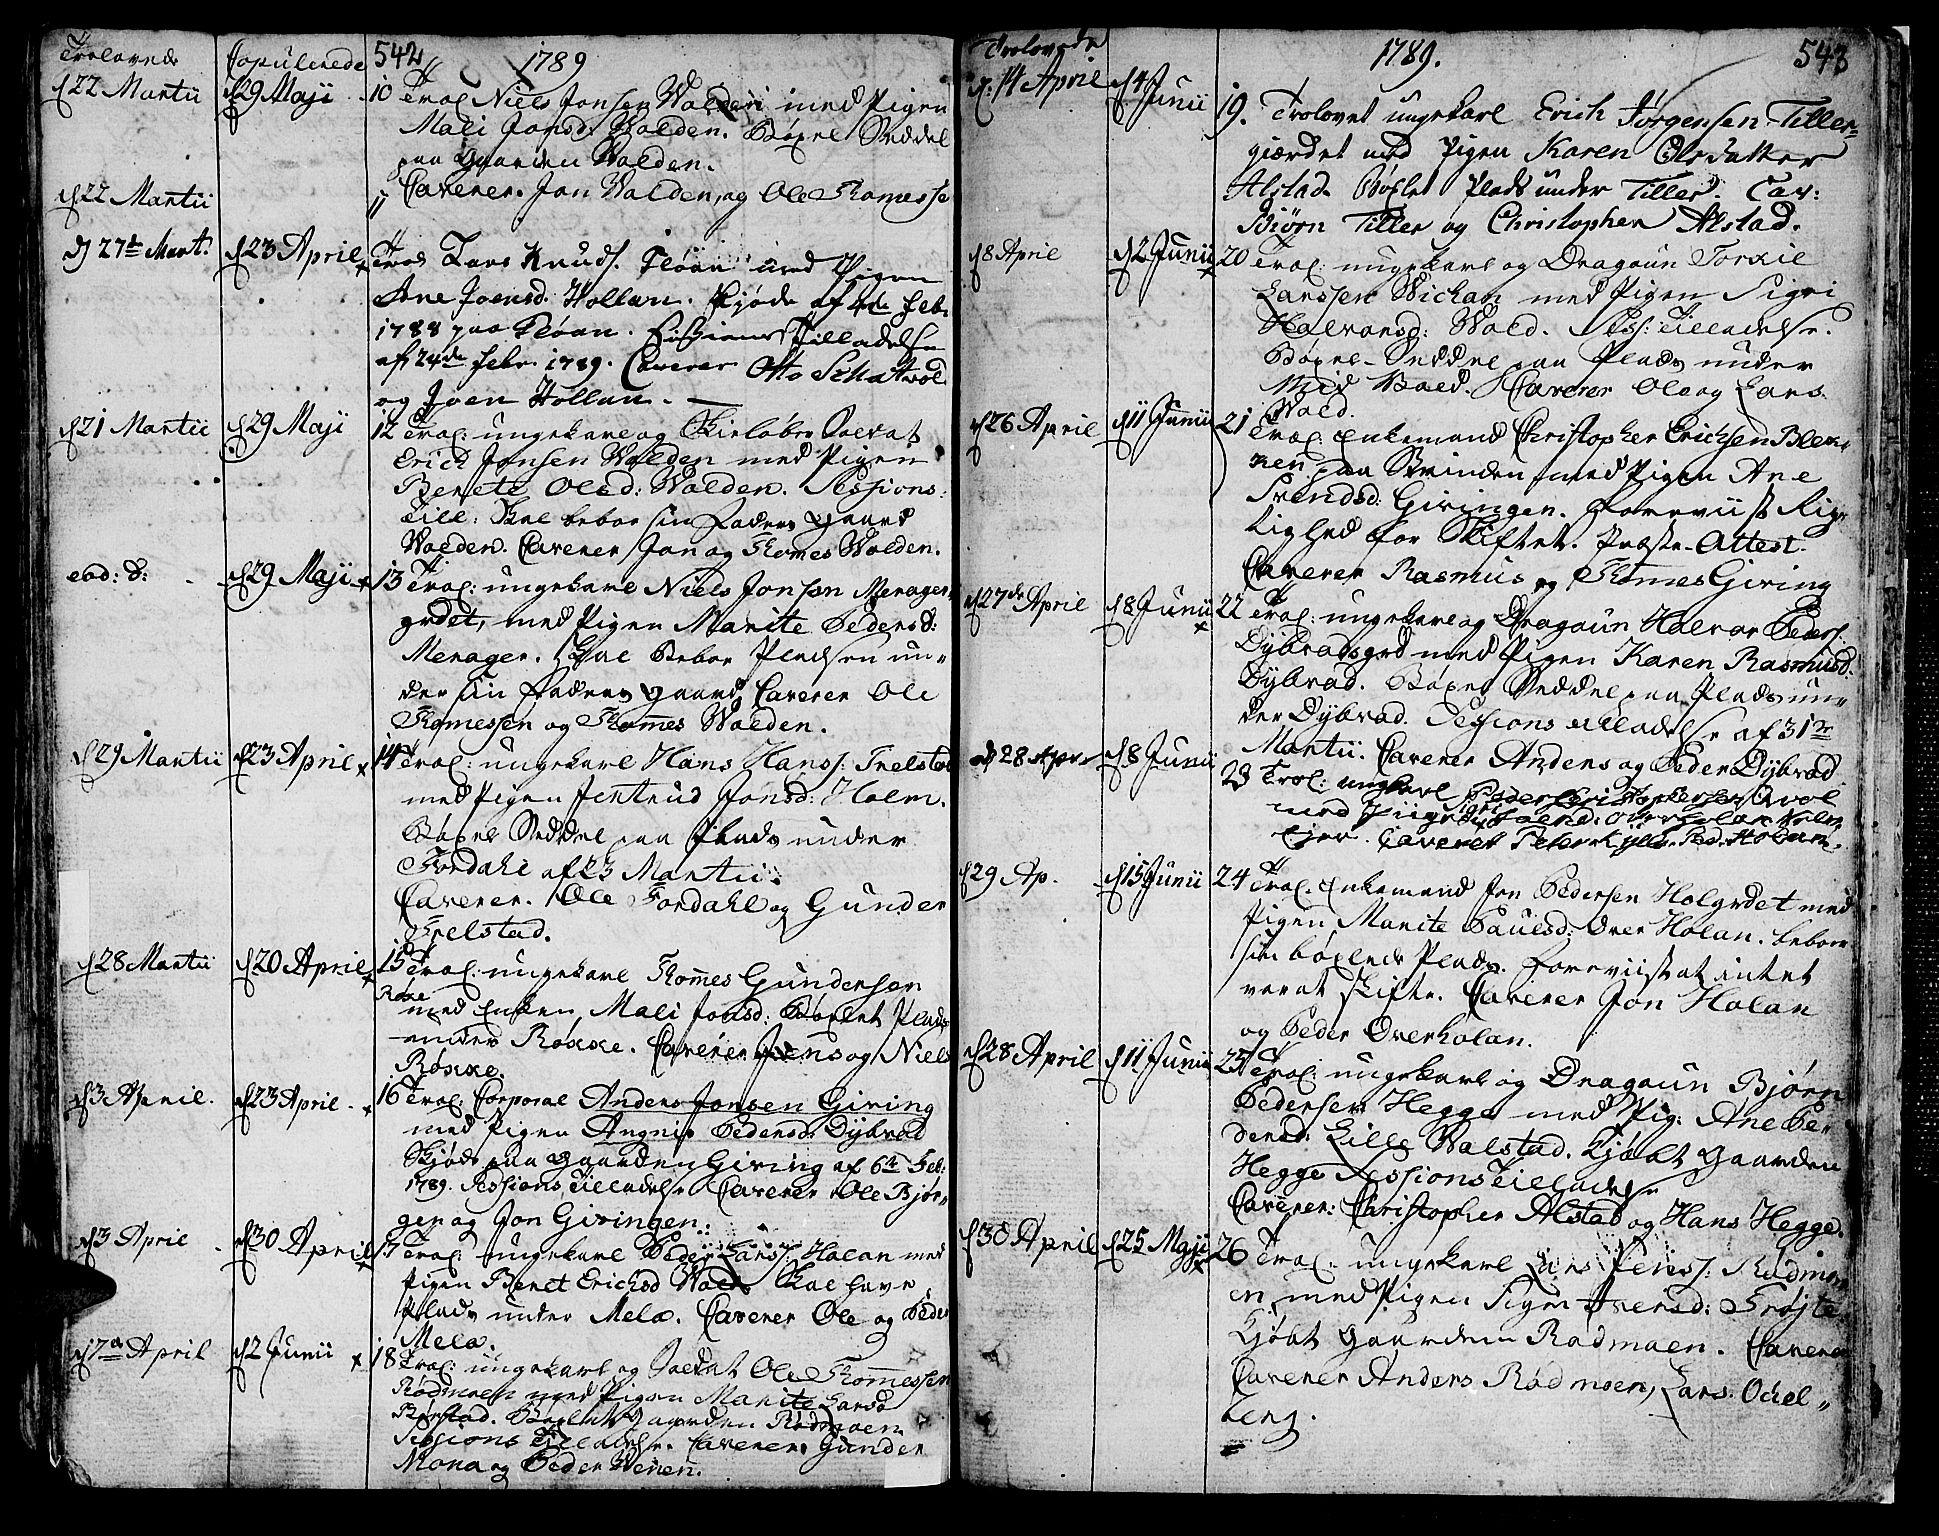 SAT, Ministerialprotokoller, klokkerbøker og fødselsregistre - Nord-Trøndelag, 709/L0059: Ministerialbok nr. 709A06, 1781-1797, s. 542-543